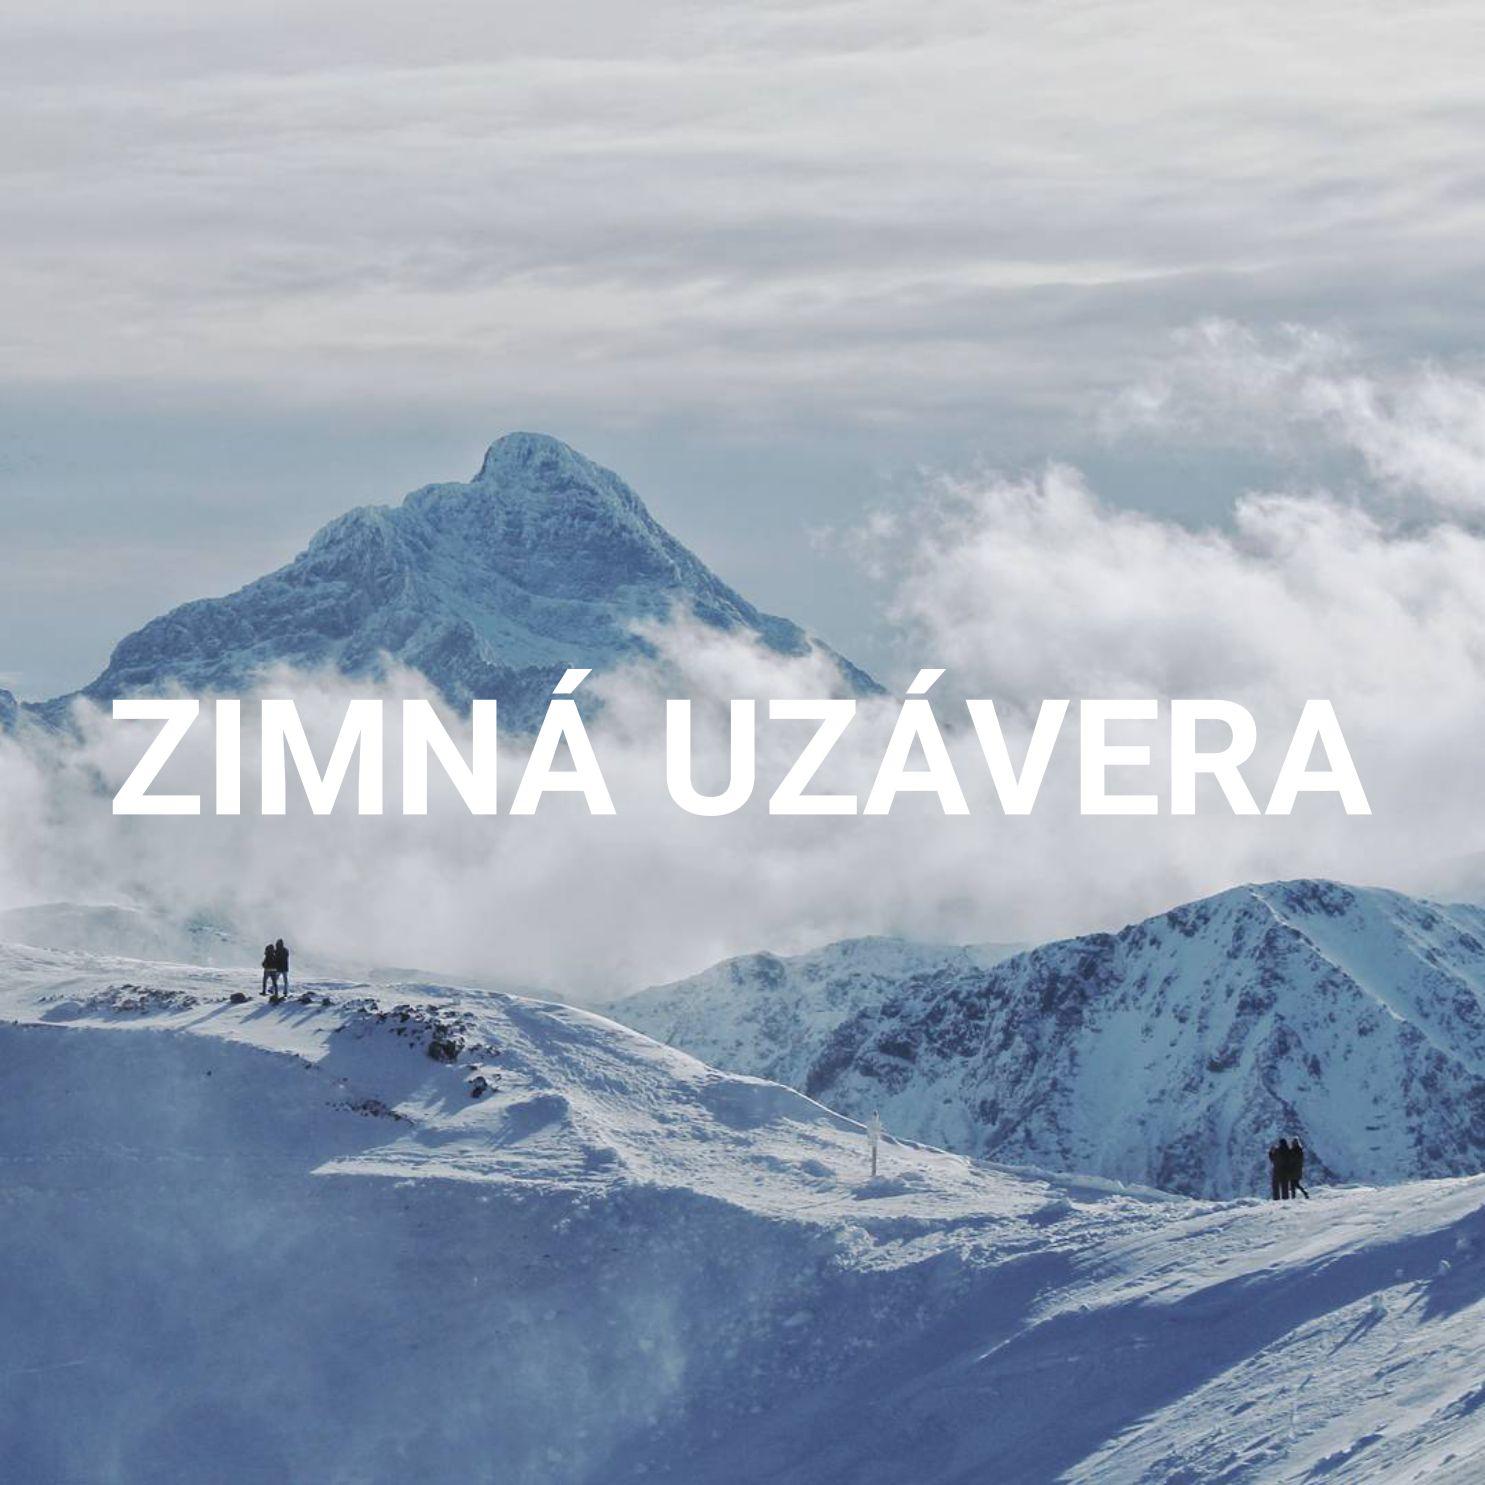 Zimná uzávera Vysoké Tatry (Nízke Tatry, Západné Tatry)